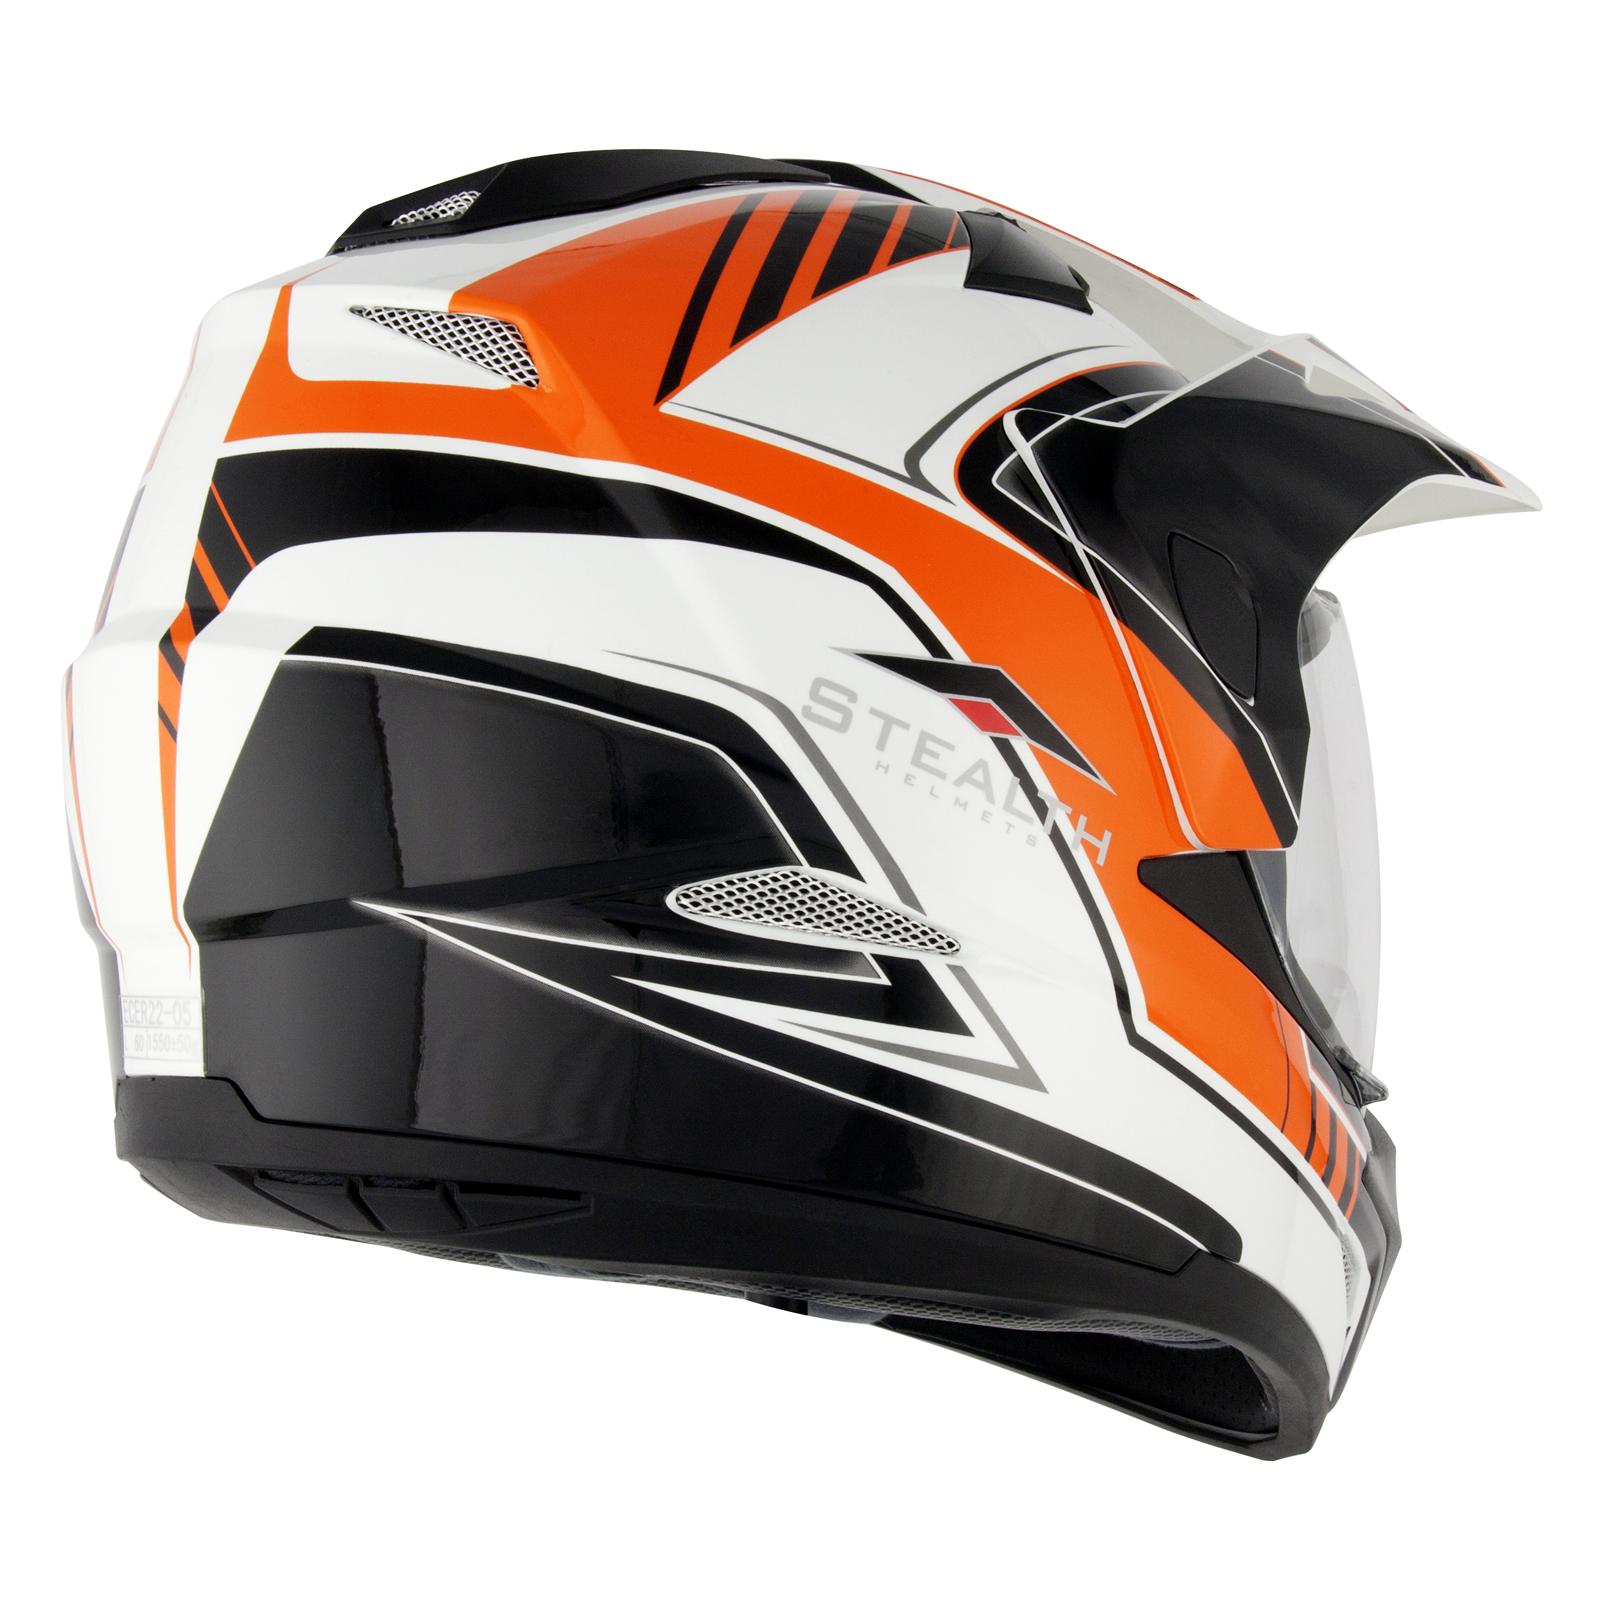 Black and orange motorcycle helmet